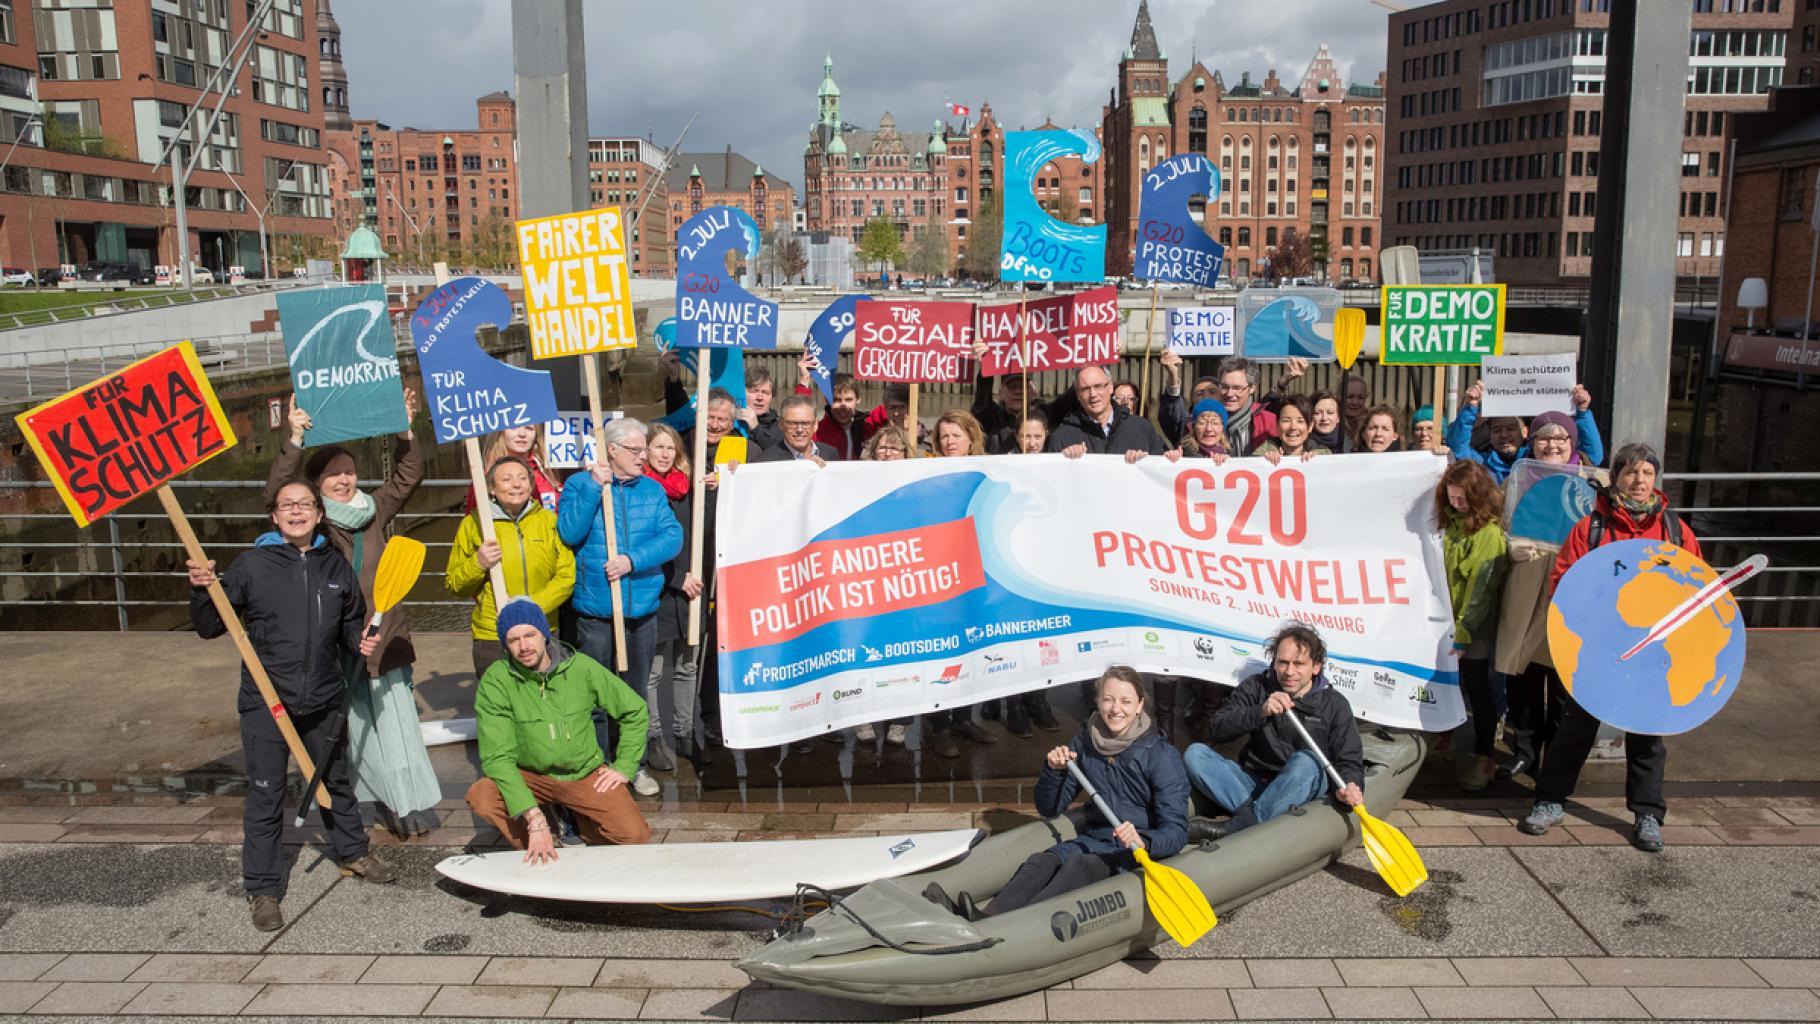 G20-Protestwelle: Eine andere Politik ist nötig!